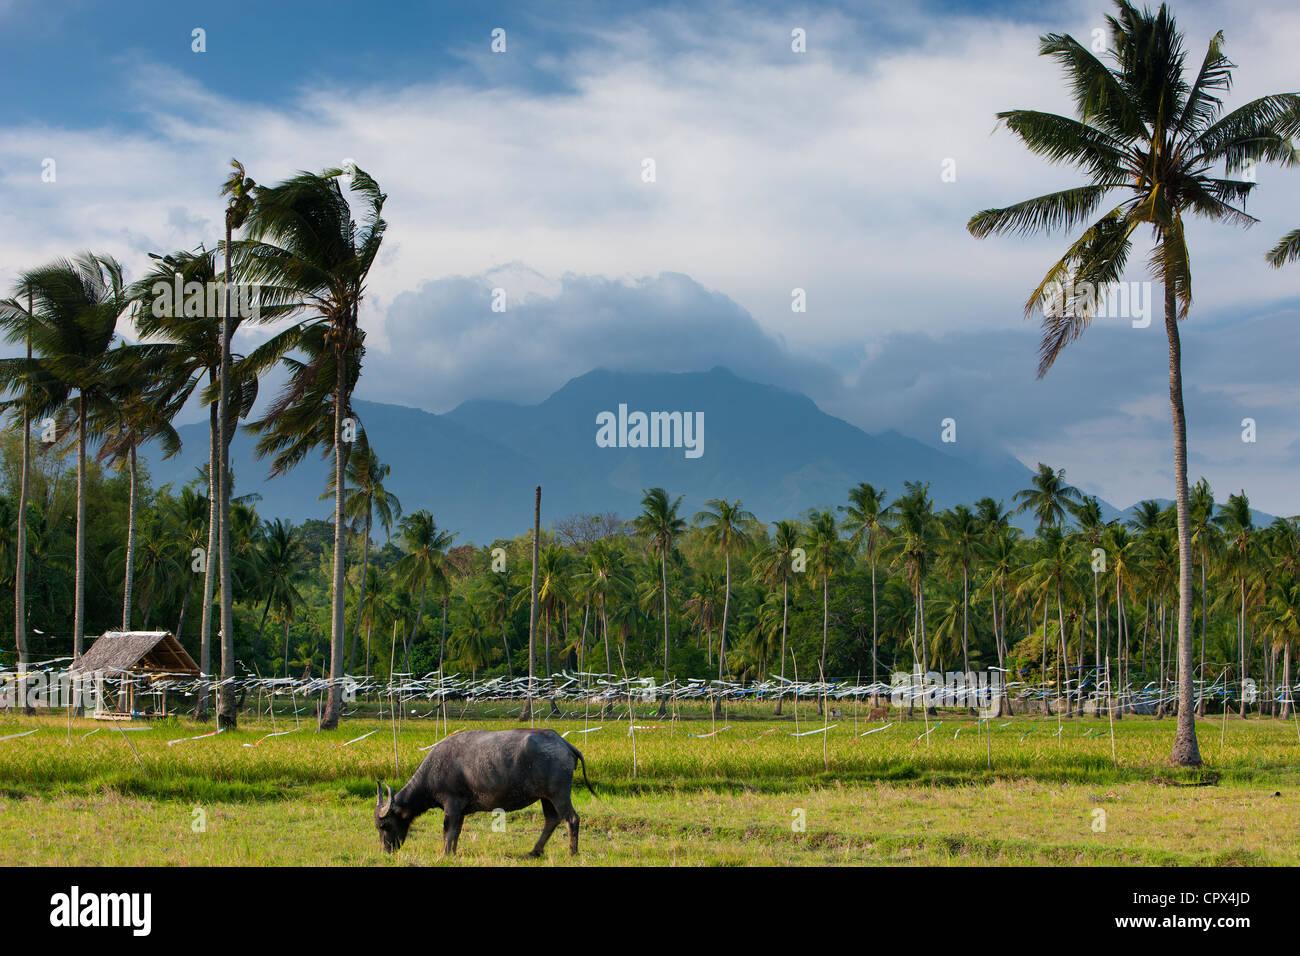 ein Büffel Weiden mit Reisfeldern, Palmen & Berge im Hintergrund, nr Malatapay, Negros, Philippinen Stockbild